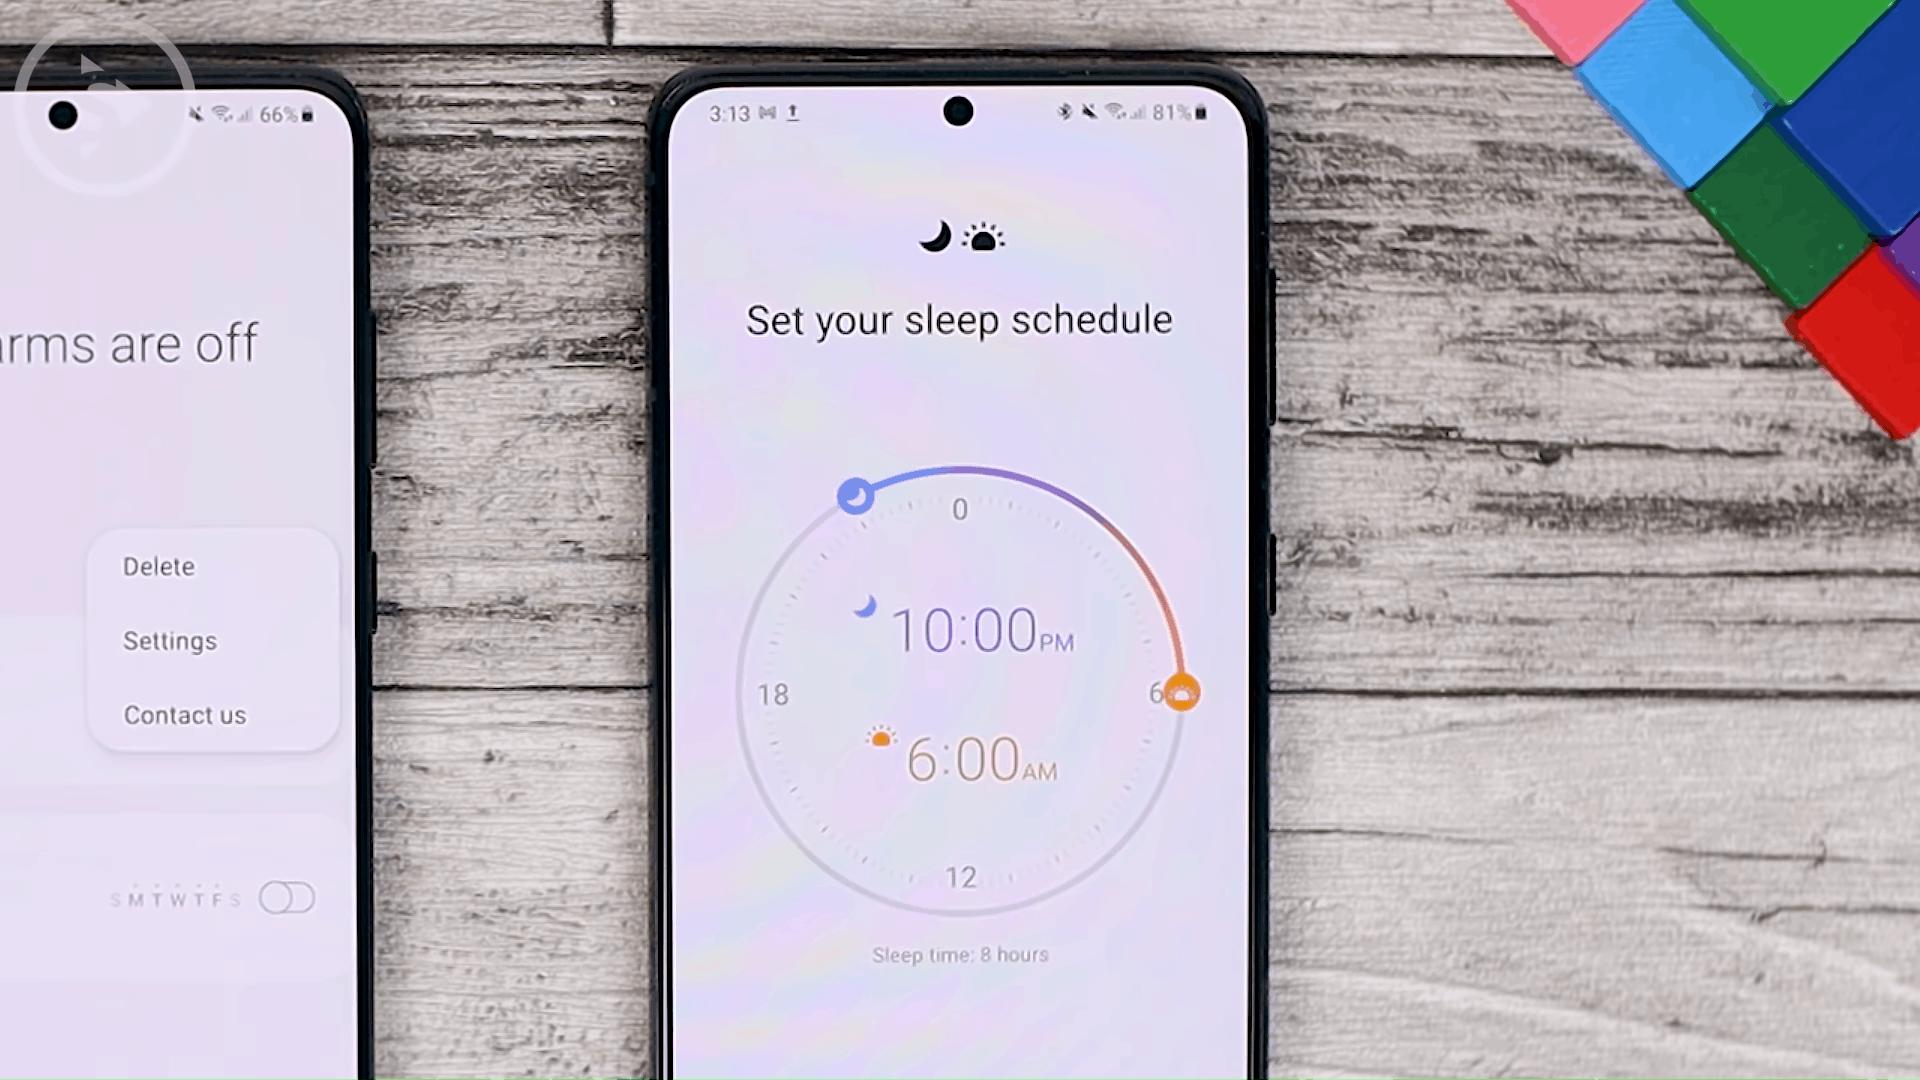 Set Bedtime - Cek Fitur Terbaru One UI 3.1 di Samsung S21+ yang Belum Tersedia di One UI 3.0 Samsung S20+ (PART 1))